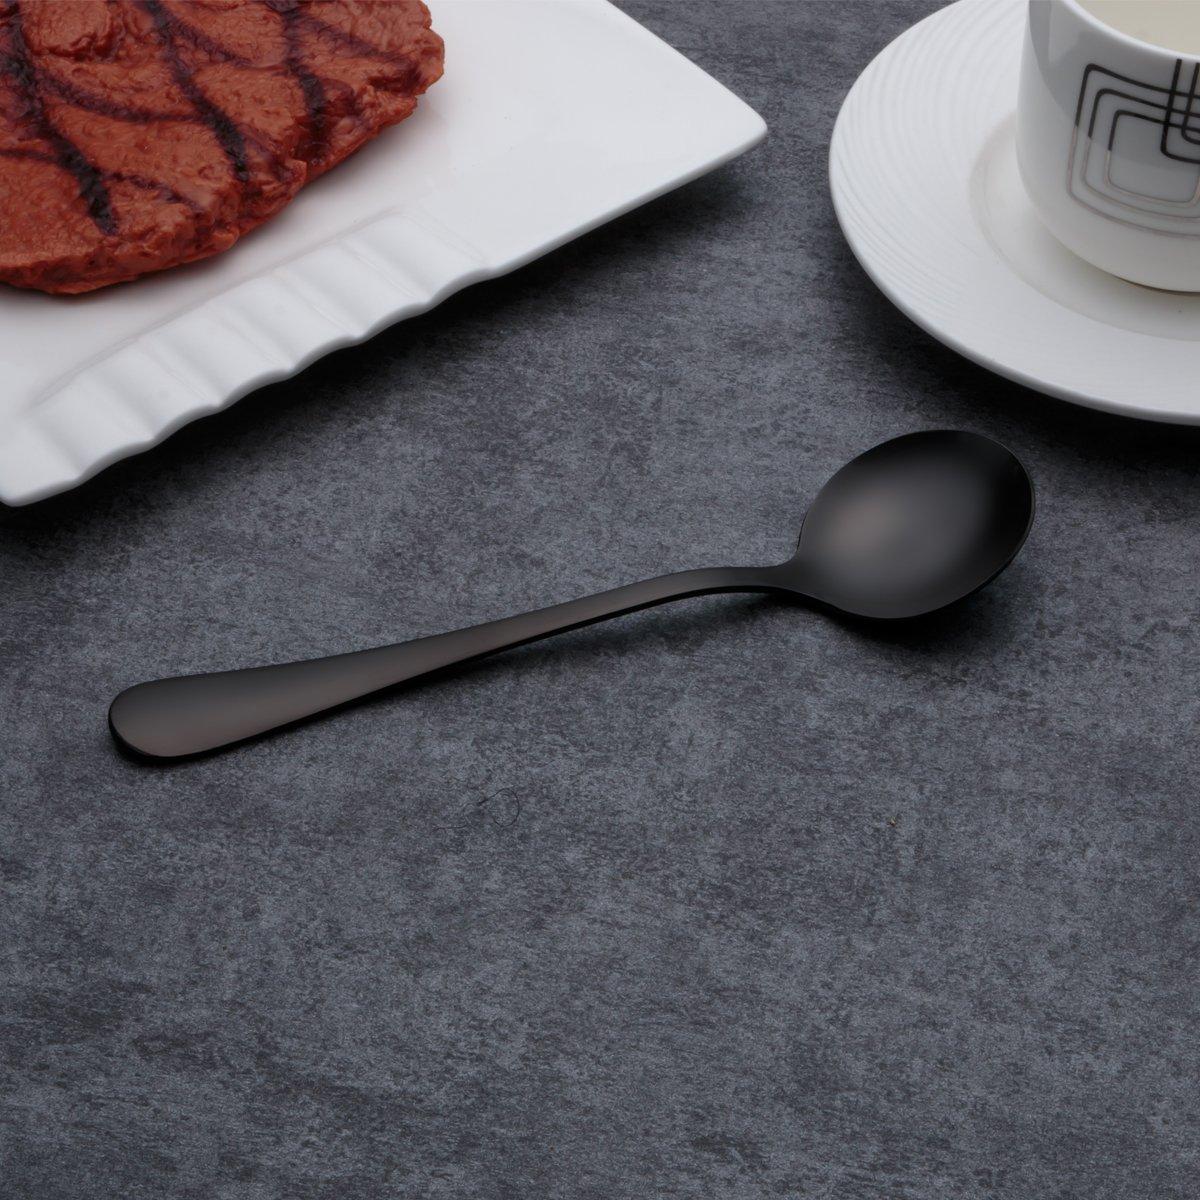 Berglander Cucharas de sopa de acero inoxidable chapadas en titanio negro, cuchara de sopa de color negro, cucharas redondas de acero inoxidable, ...